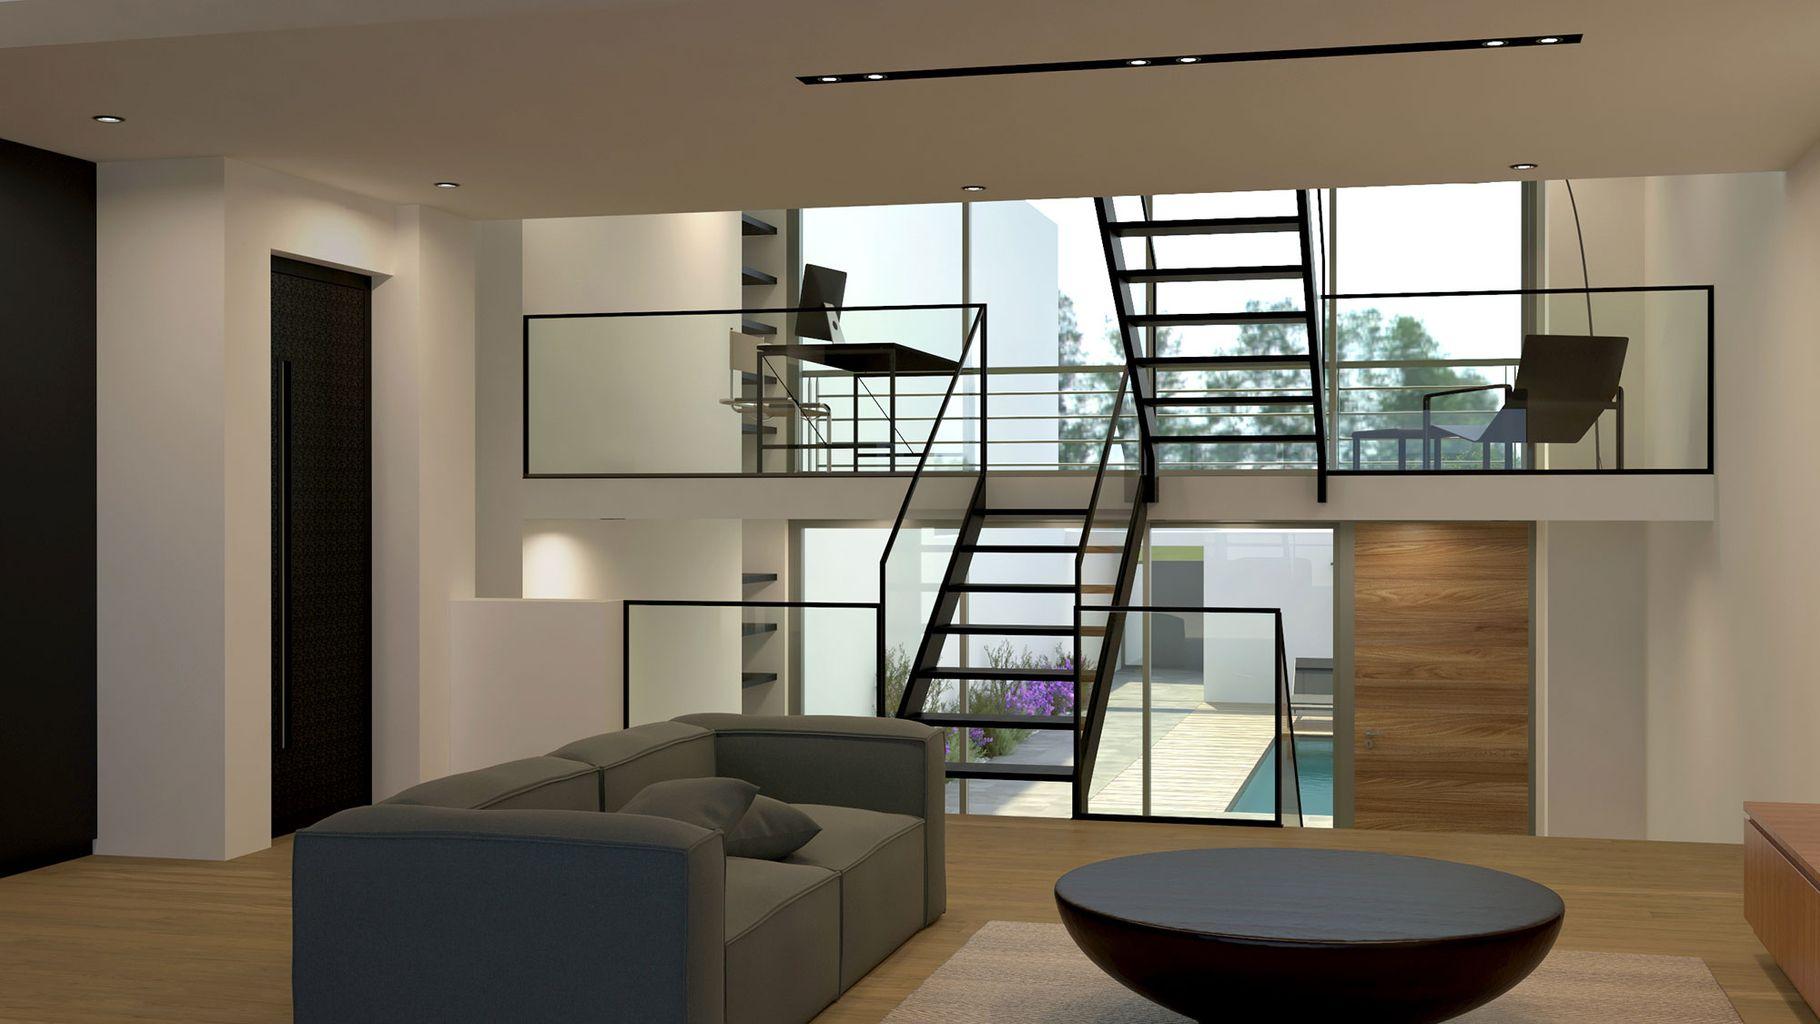 Διαμέρισμα στη Βούλα Ι